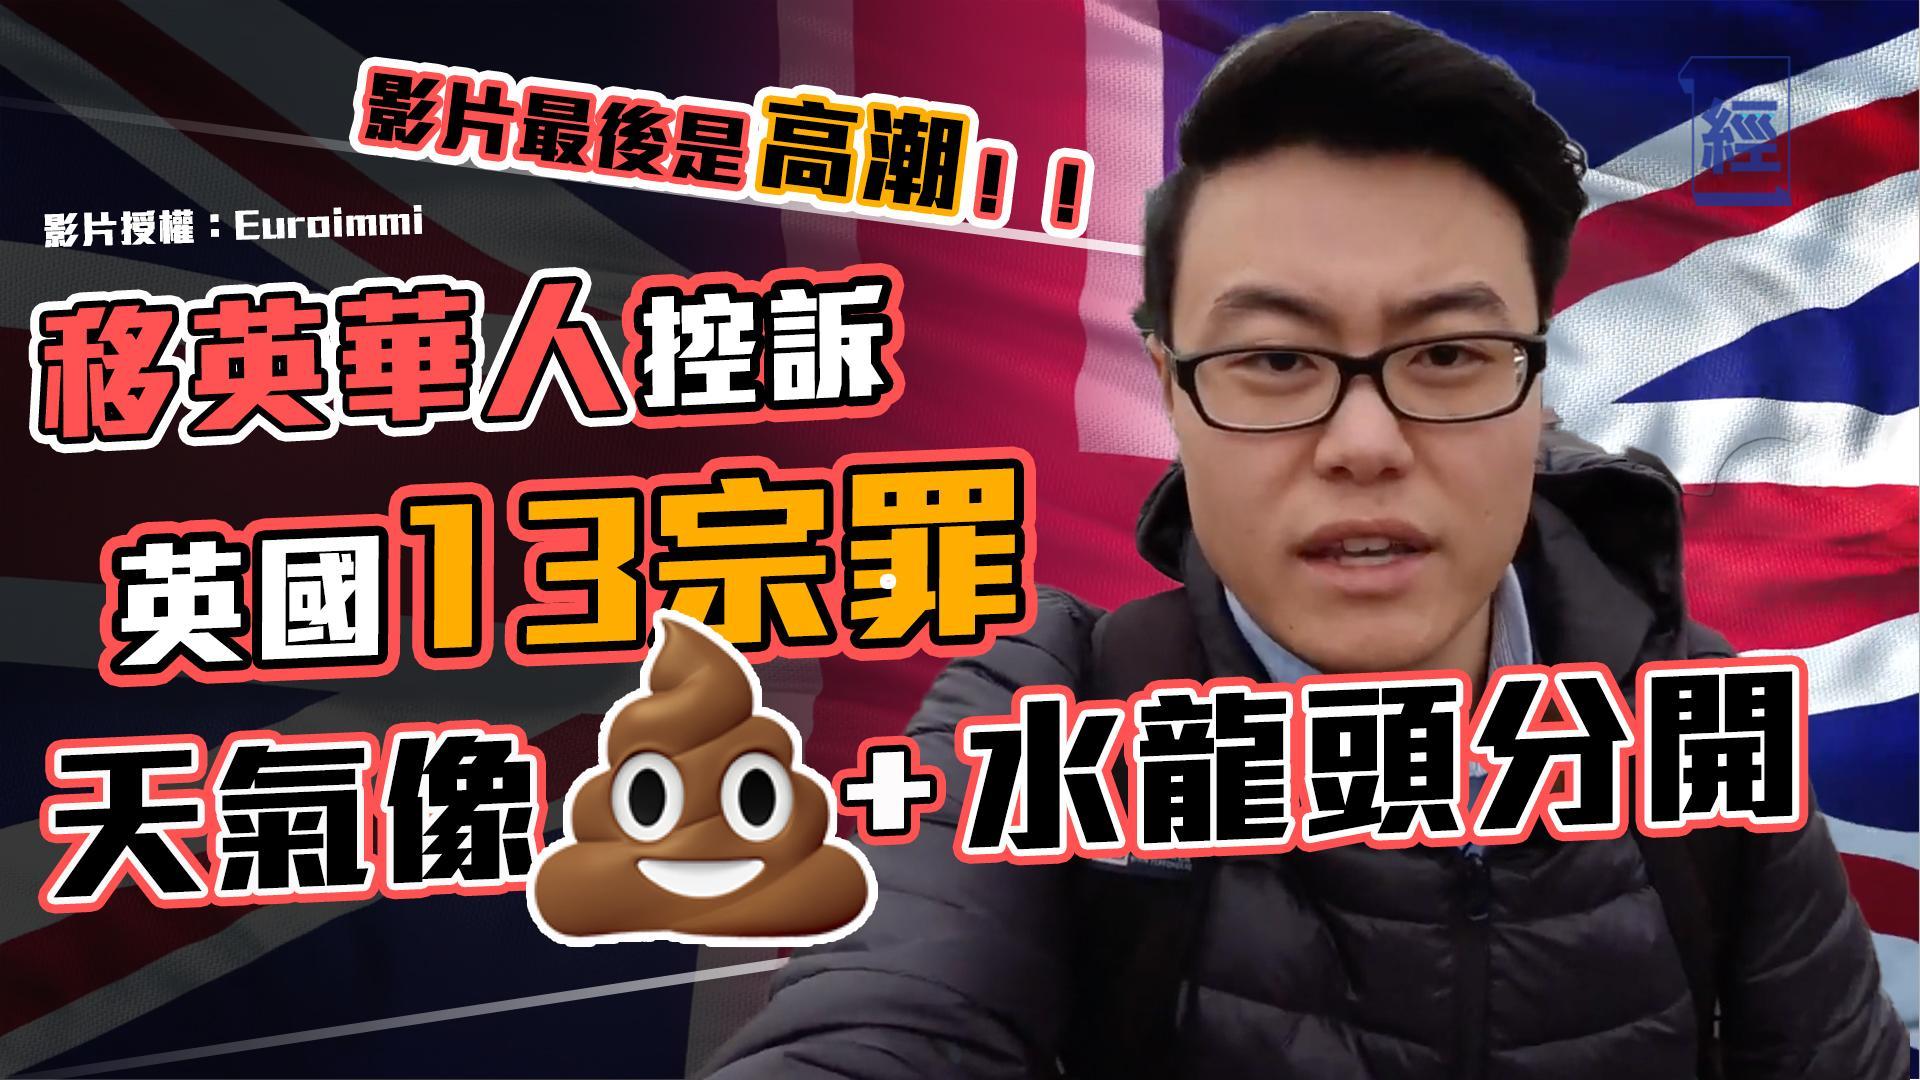 移民英國華人控訴英國13宗罪 天氣像屎 + 水龍頭分開! 影片最後是高潮【經一移民局】